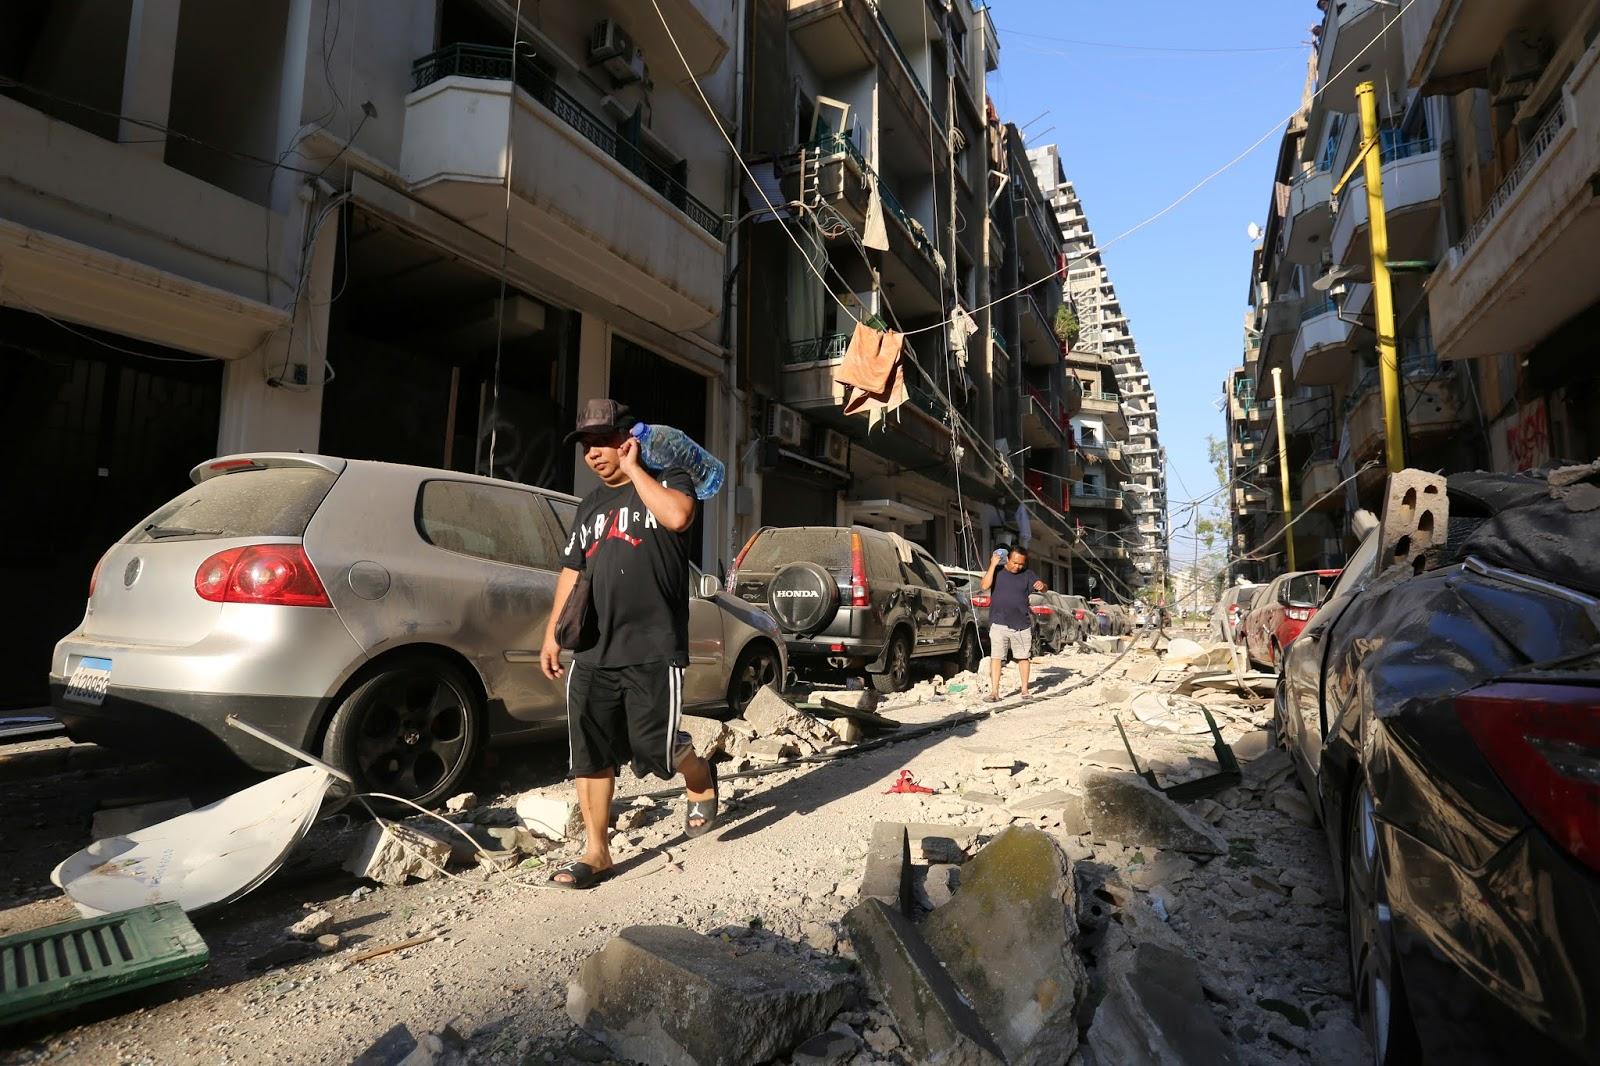 El gobernador de Beirut afirma que la explosión dejó 300.000 personas sin hogar y daños por 3.000 millones de dólares